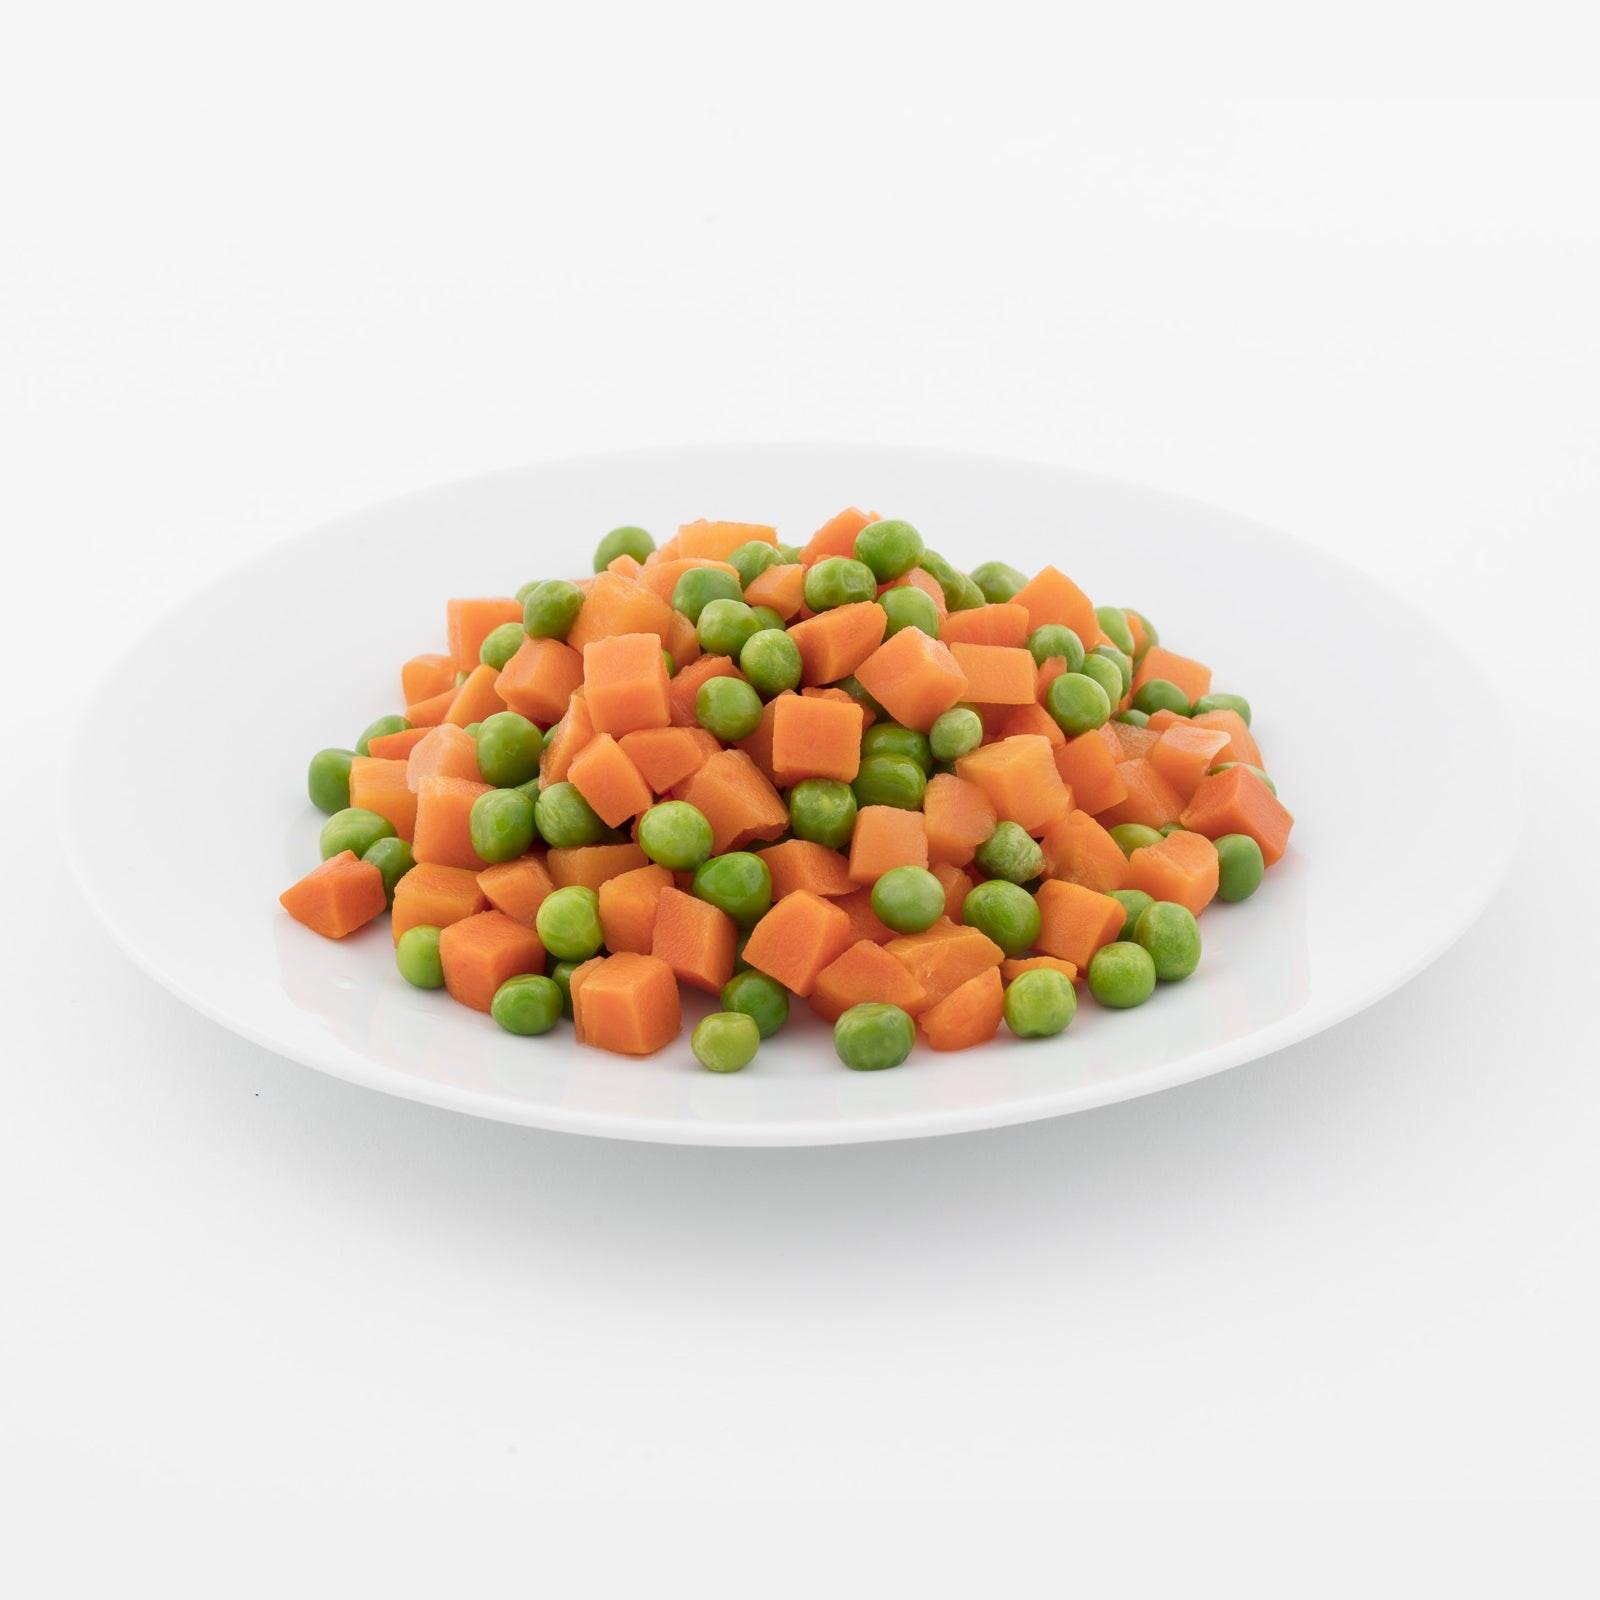 BELOW ZERO Peas & carrots